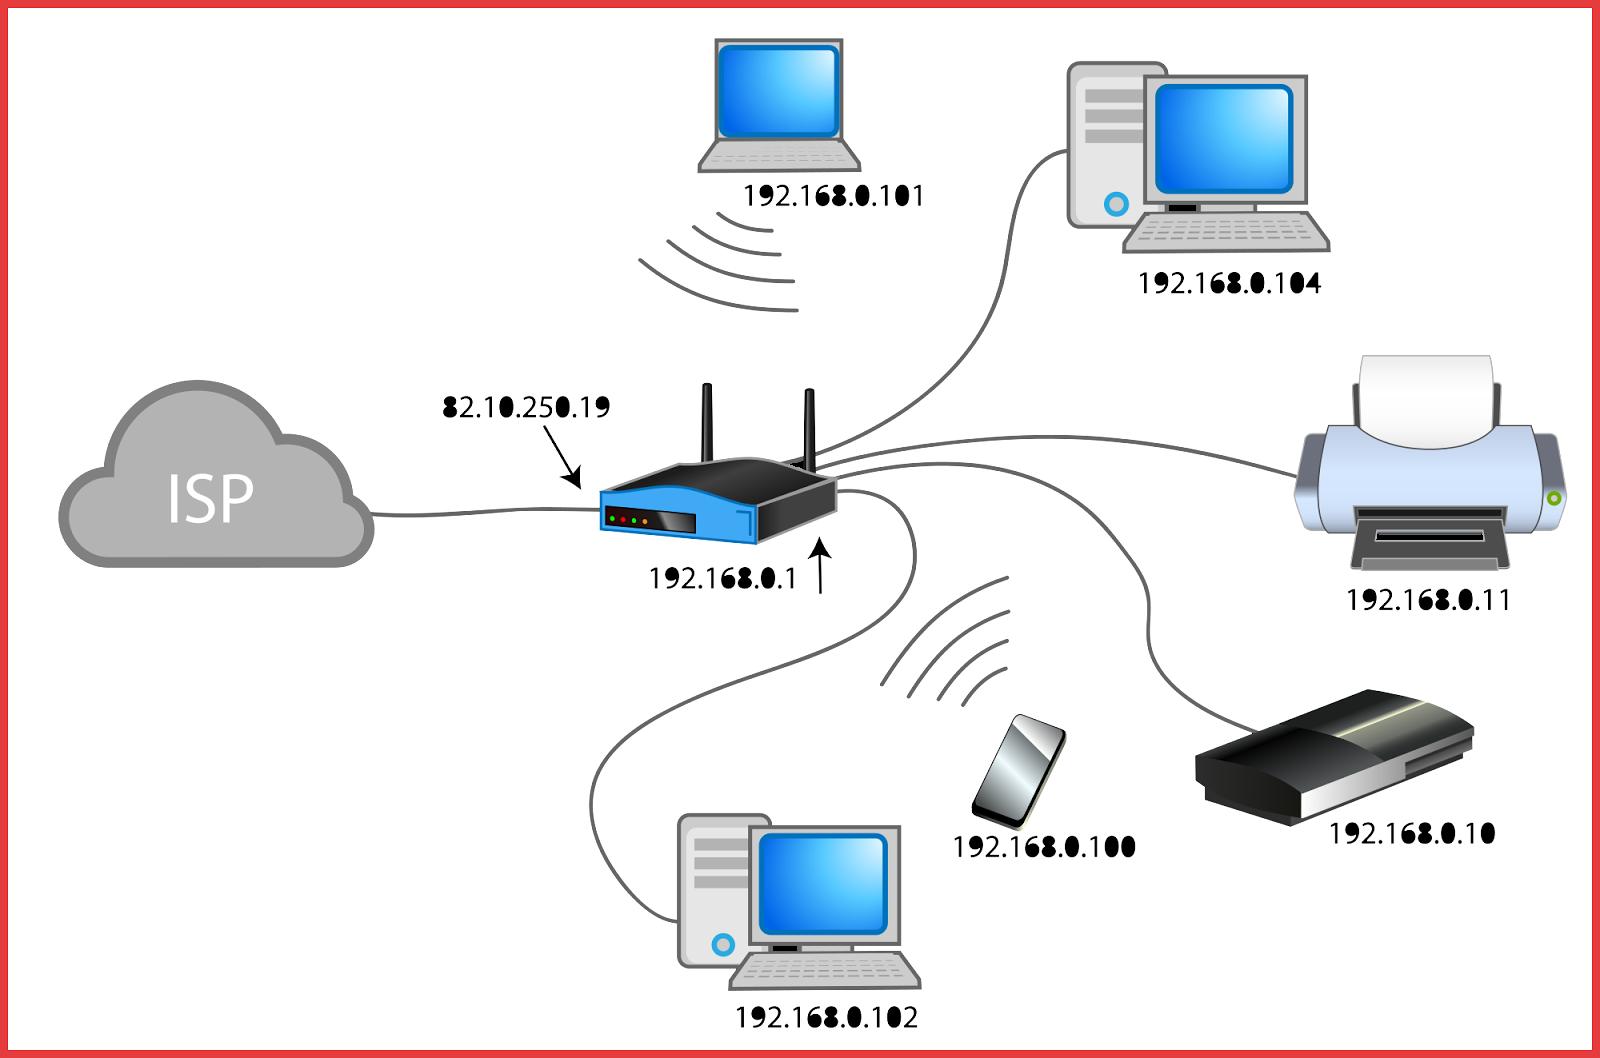 Mengenal Fungsi dan Jenis Internet Service Provider